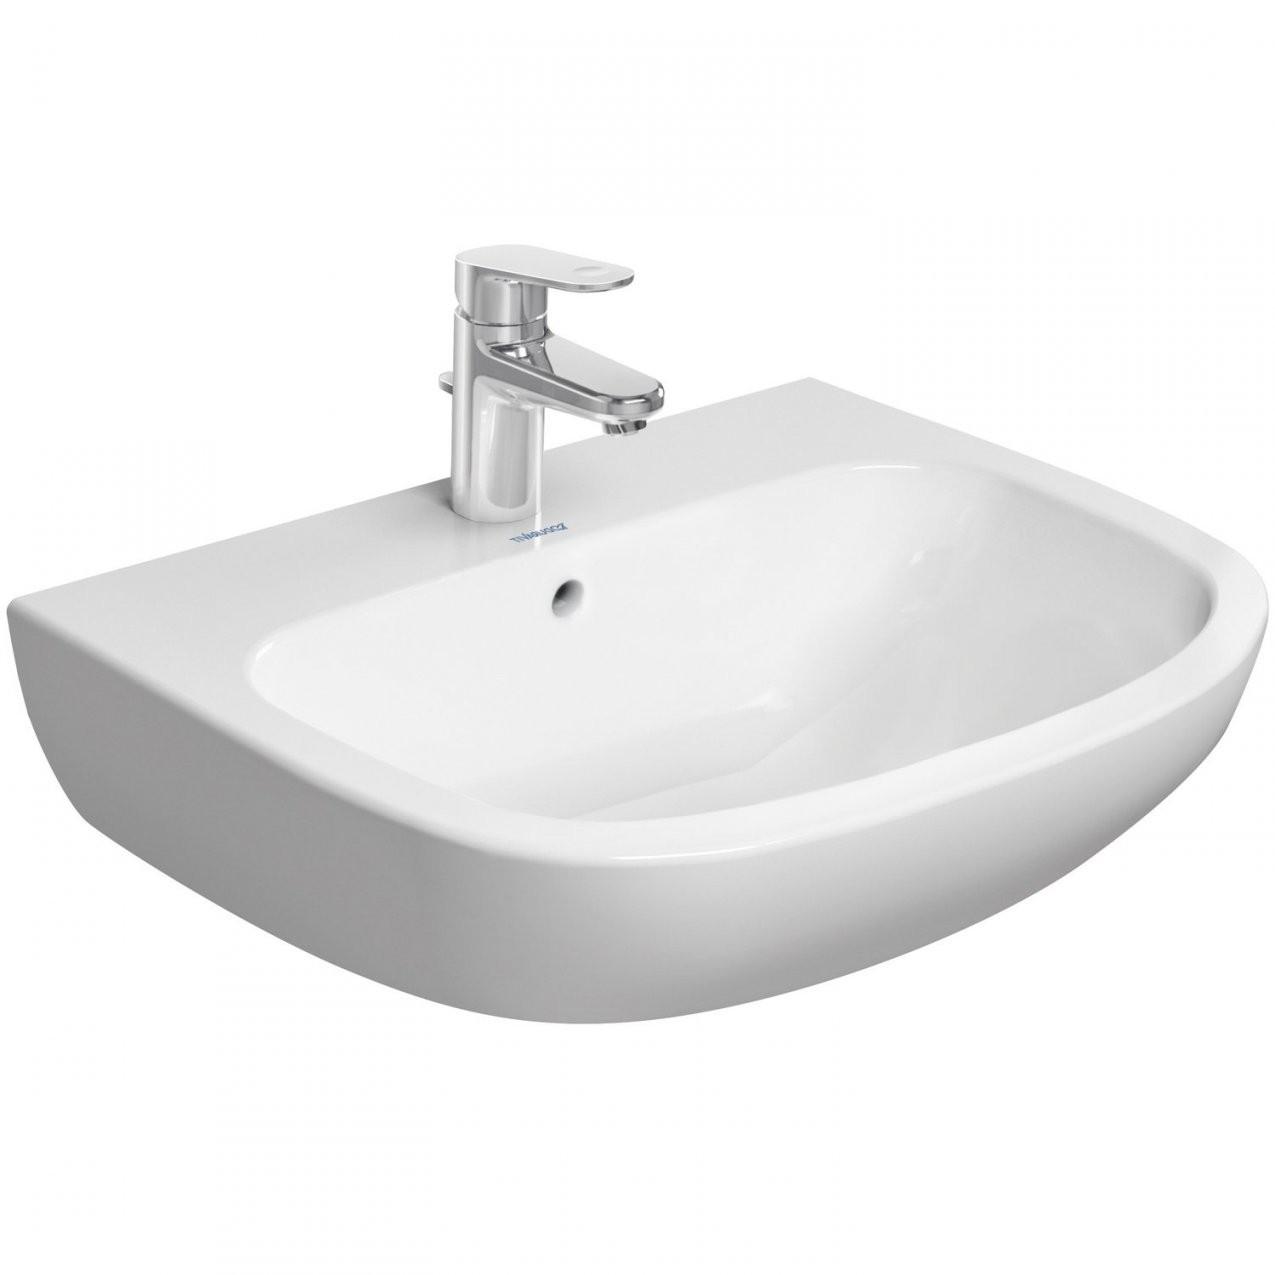 Waschbecken Online Kaufen Bei Obi von Standardhöhe Waschbecken Bad Photo